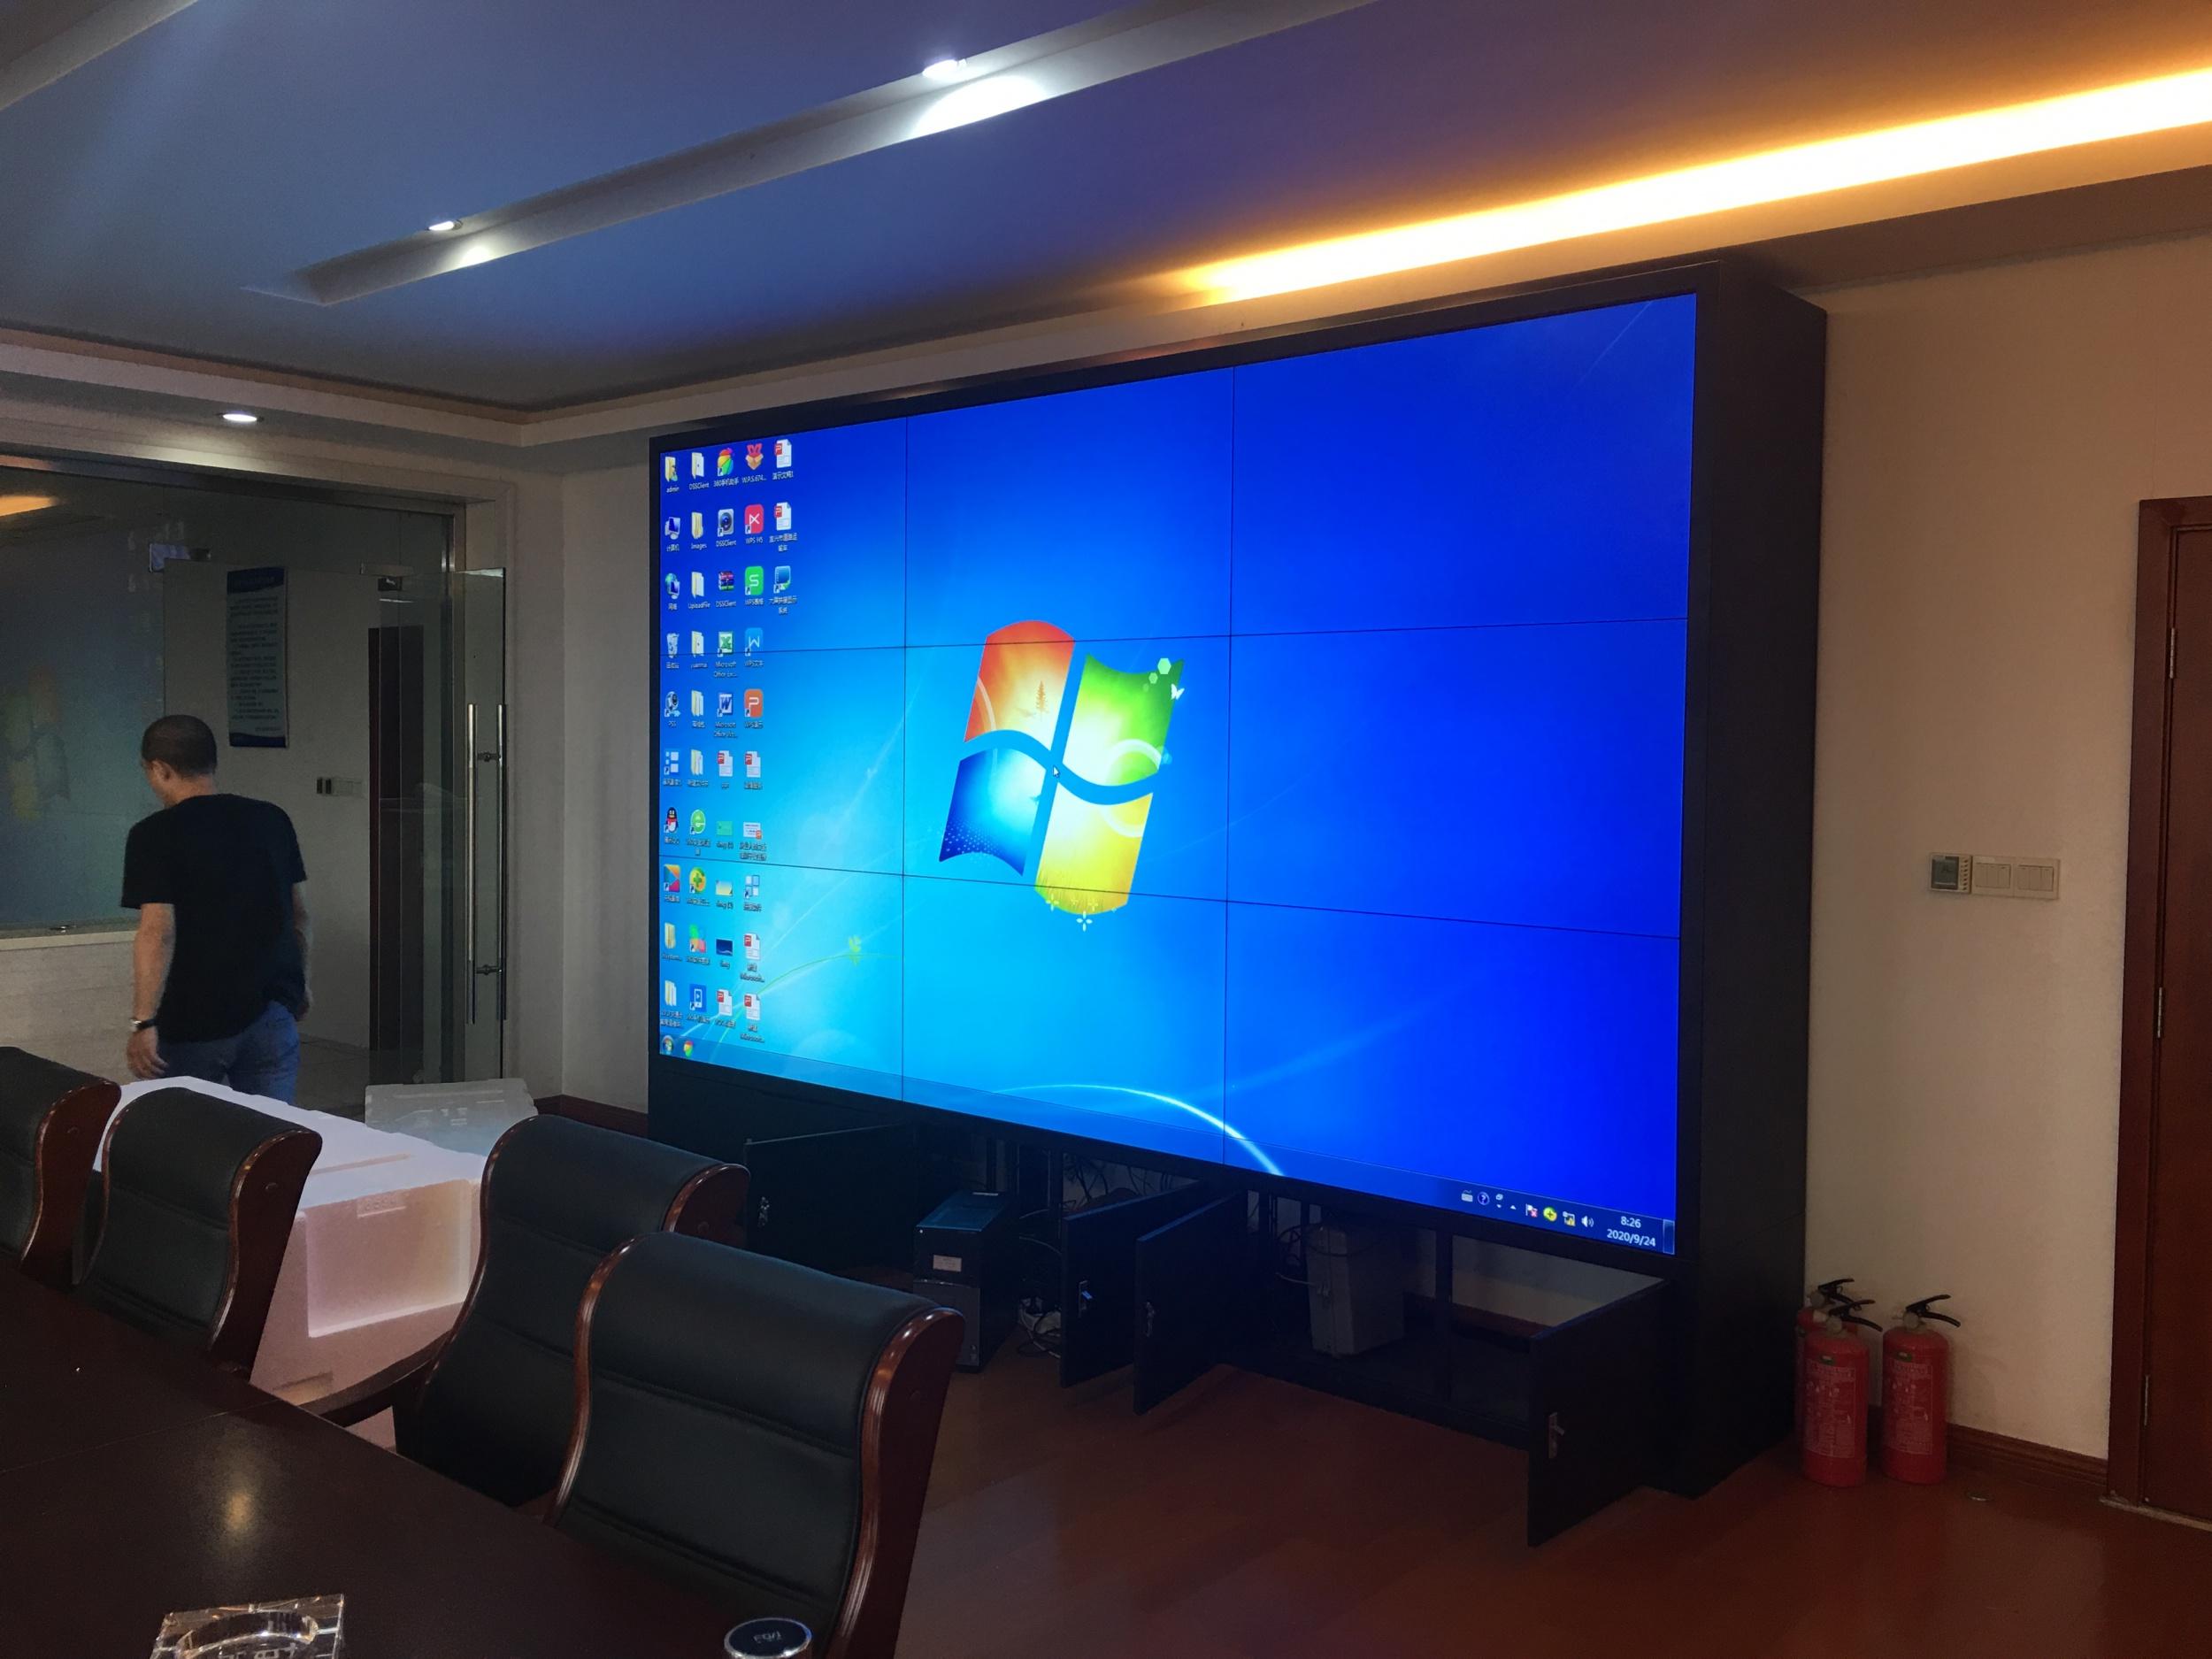 久屏显示55寸0.88毫米必威体育平台屏应用于江苏宜兴道路执法大队